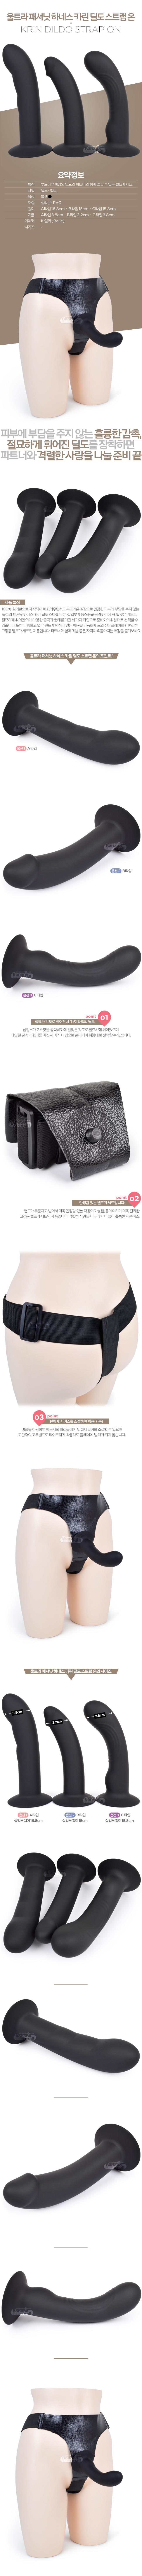 [착용 딜도] 울트라 패셔닛 하네스 카린 딜도 스트랩 온(Ultra Passionate Harness Krin Dildo Strap On) - 바일러(BW-022051) (BIR)